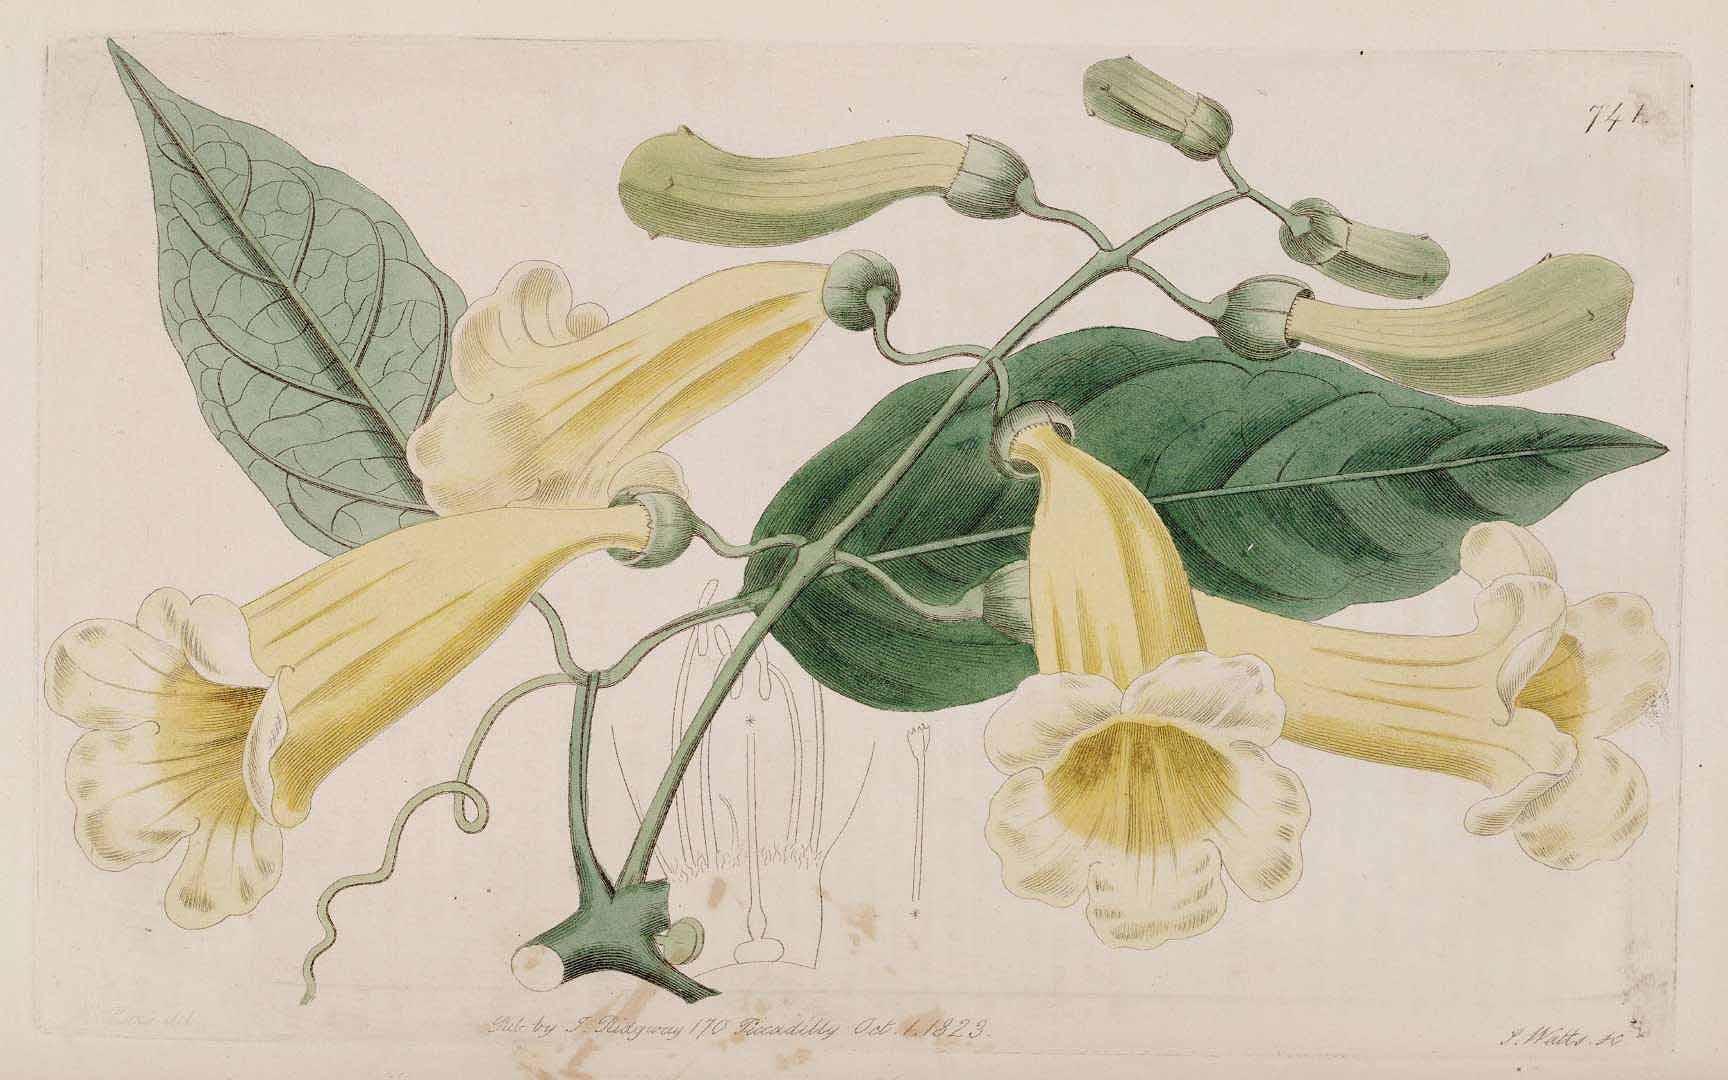 Bignonia aequinoctialis